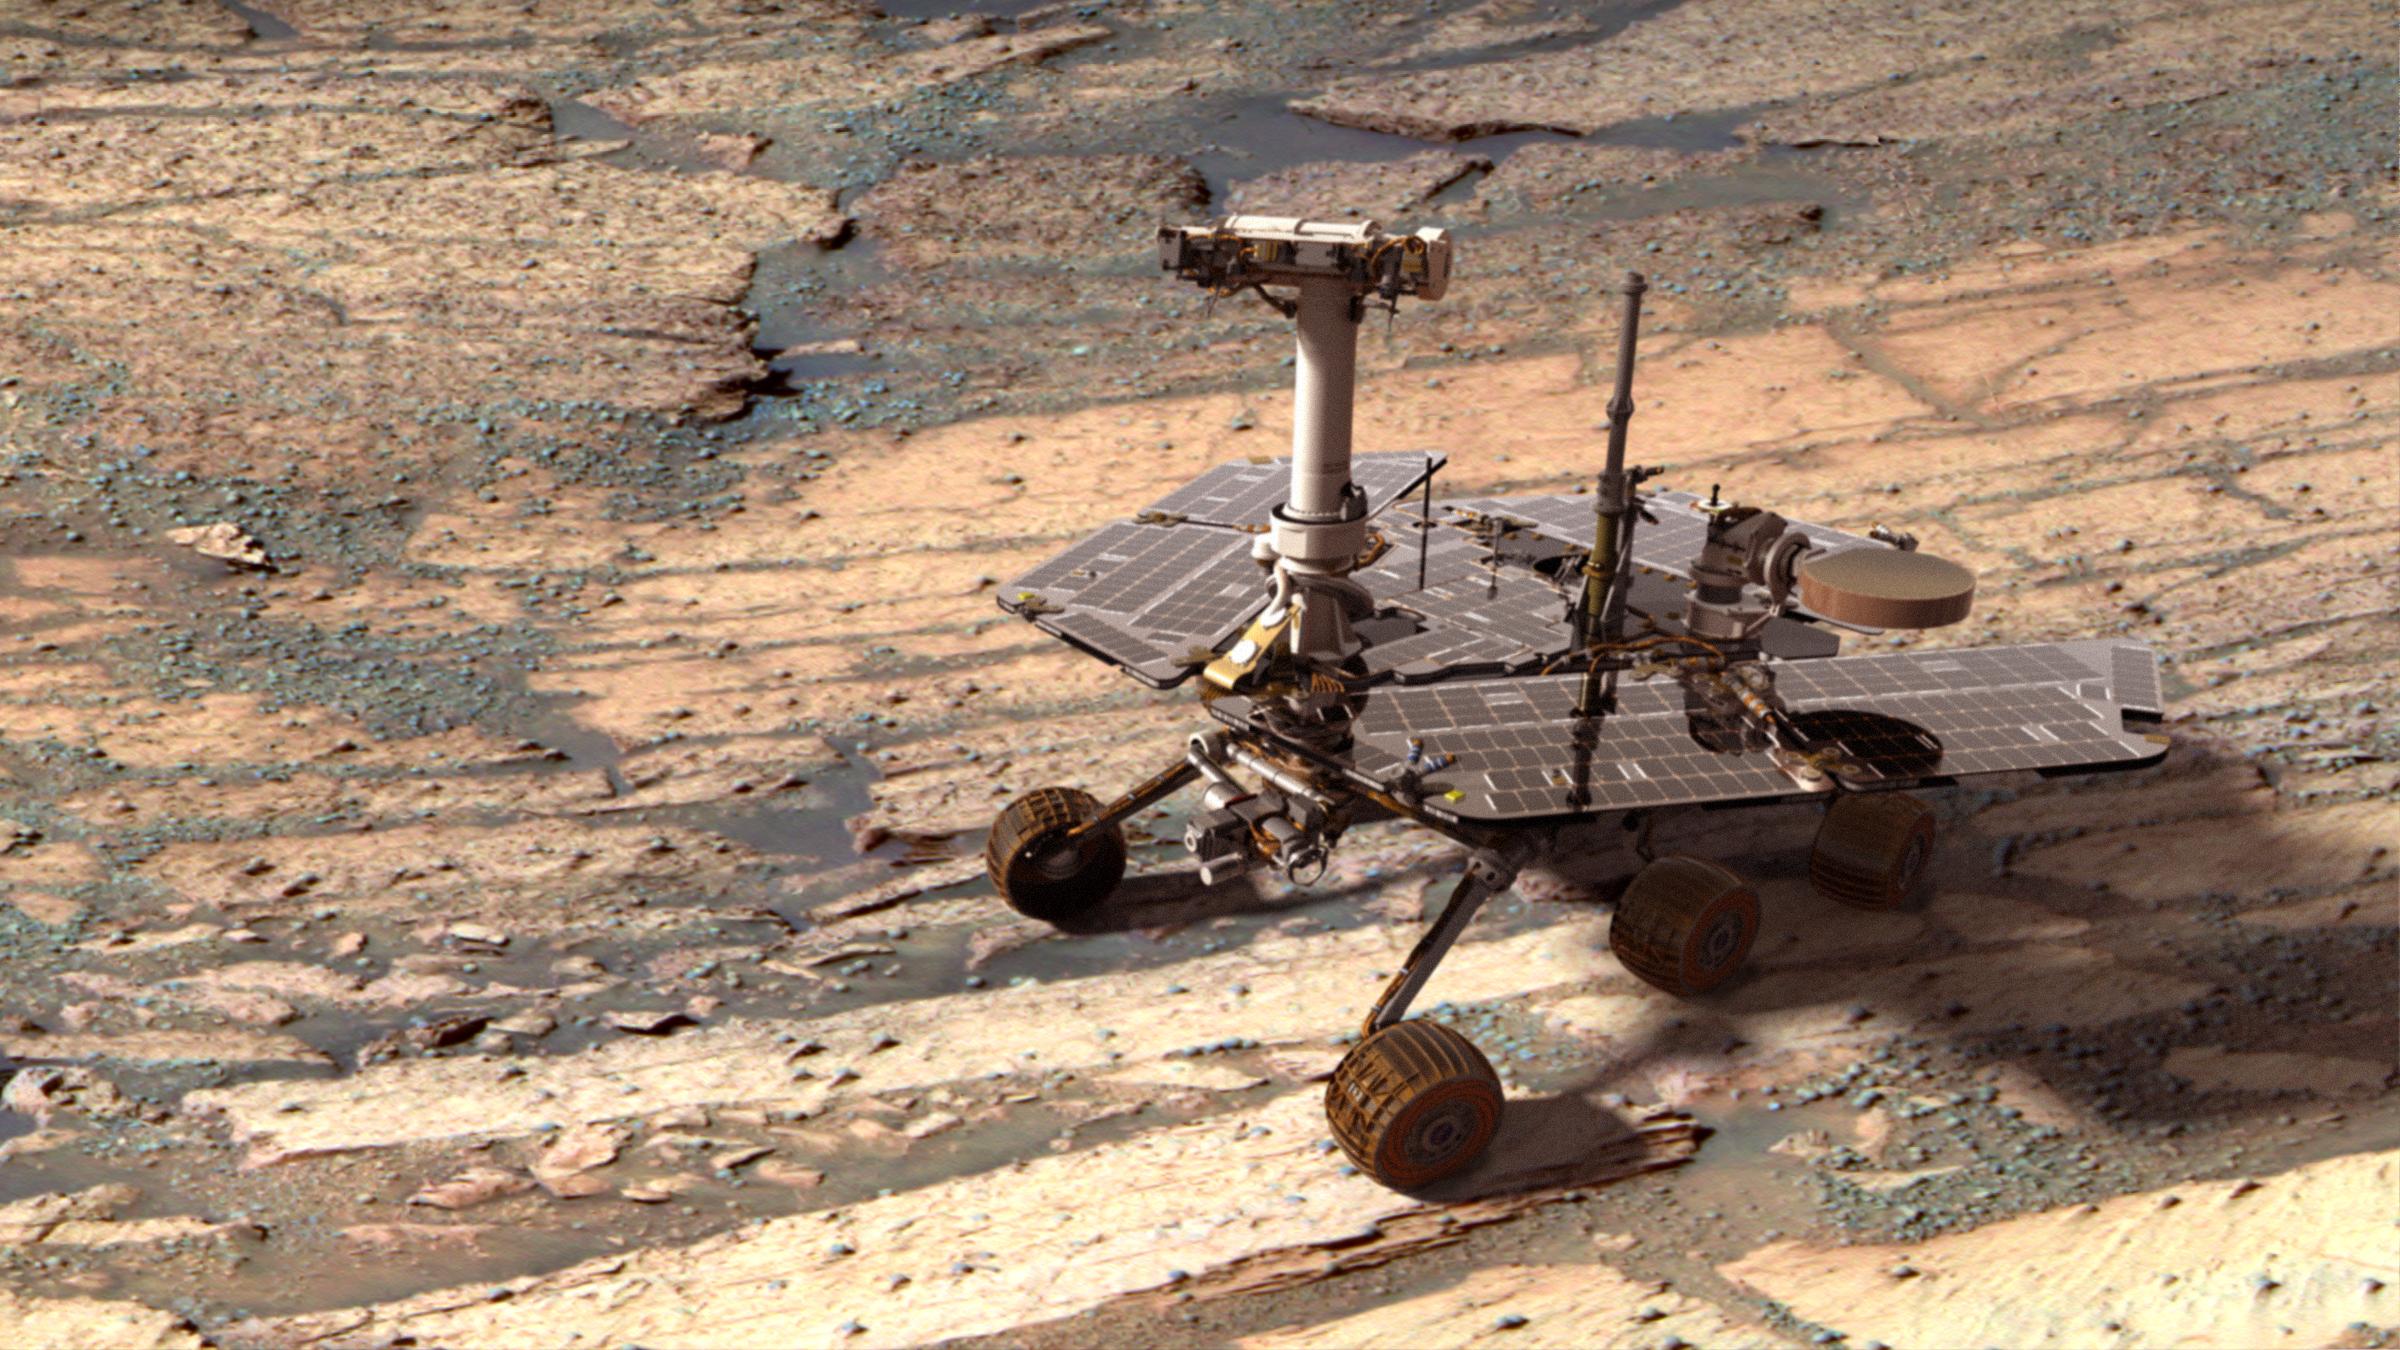 Марсоход Opportunity будет изучать Долину Настойчивости наМарсе